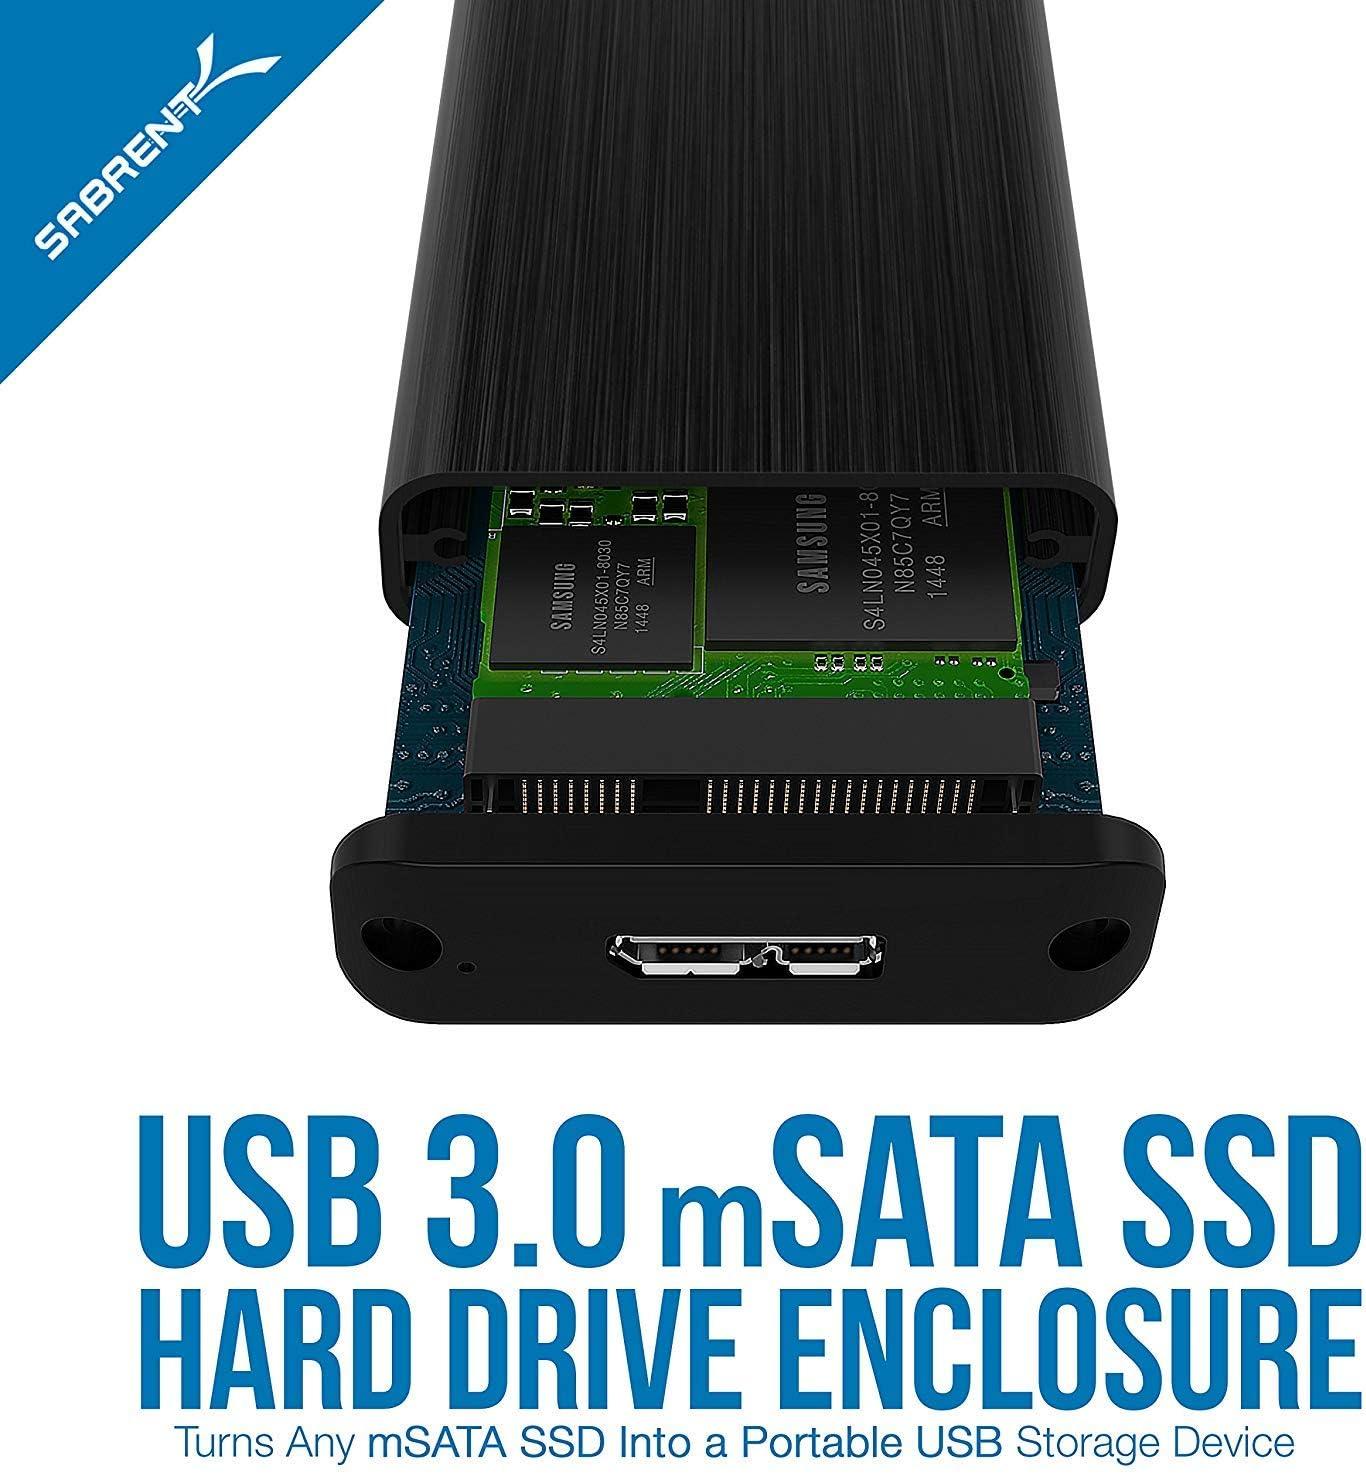 Sabrent USB 3.0 mSATA II or III//6G SSD Enclosure Adapter EC-UKMS Support UASP